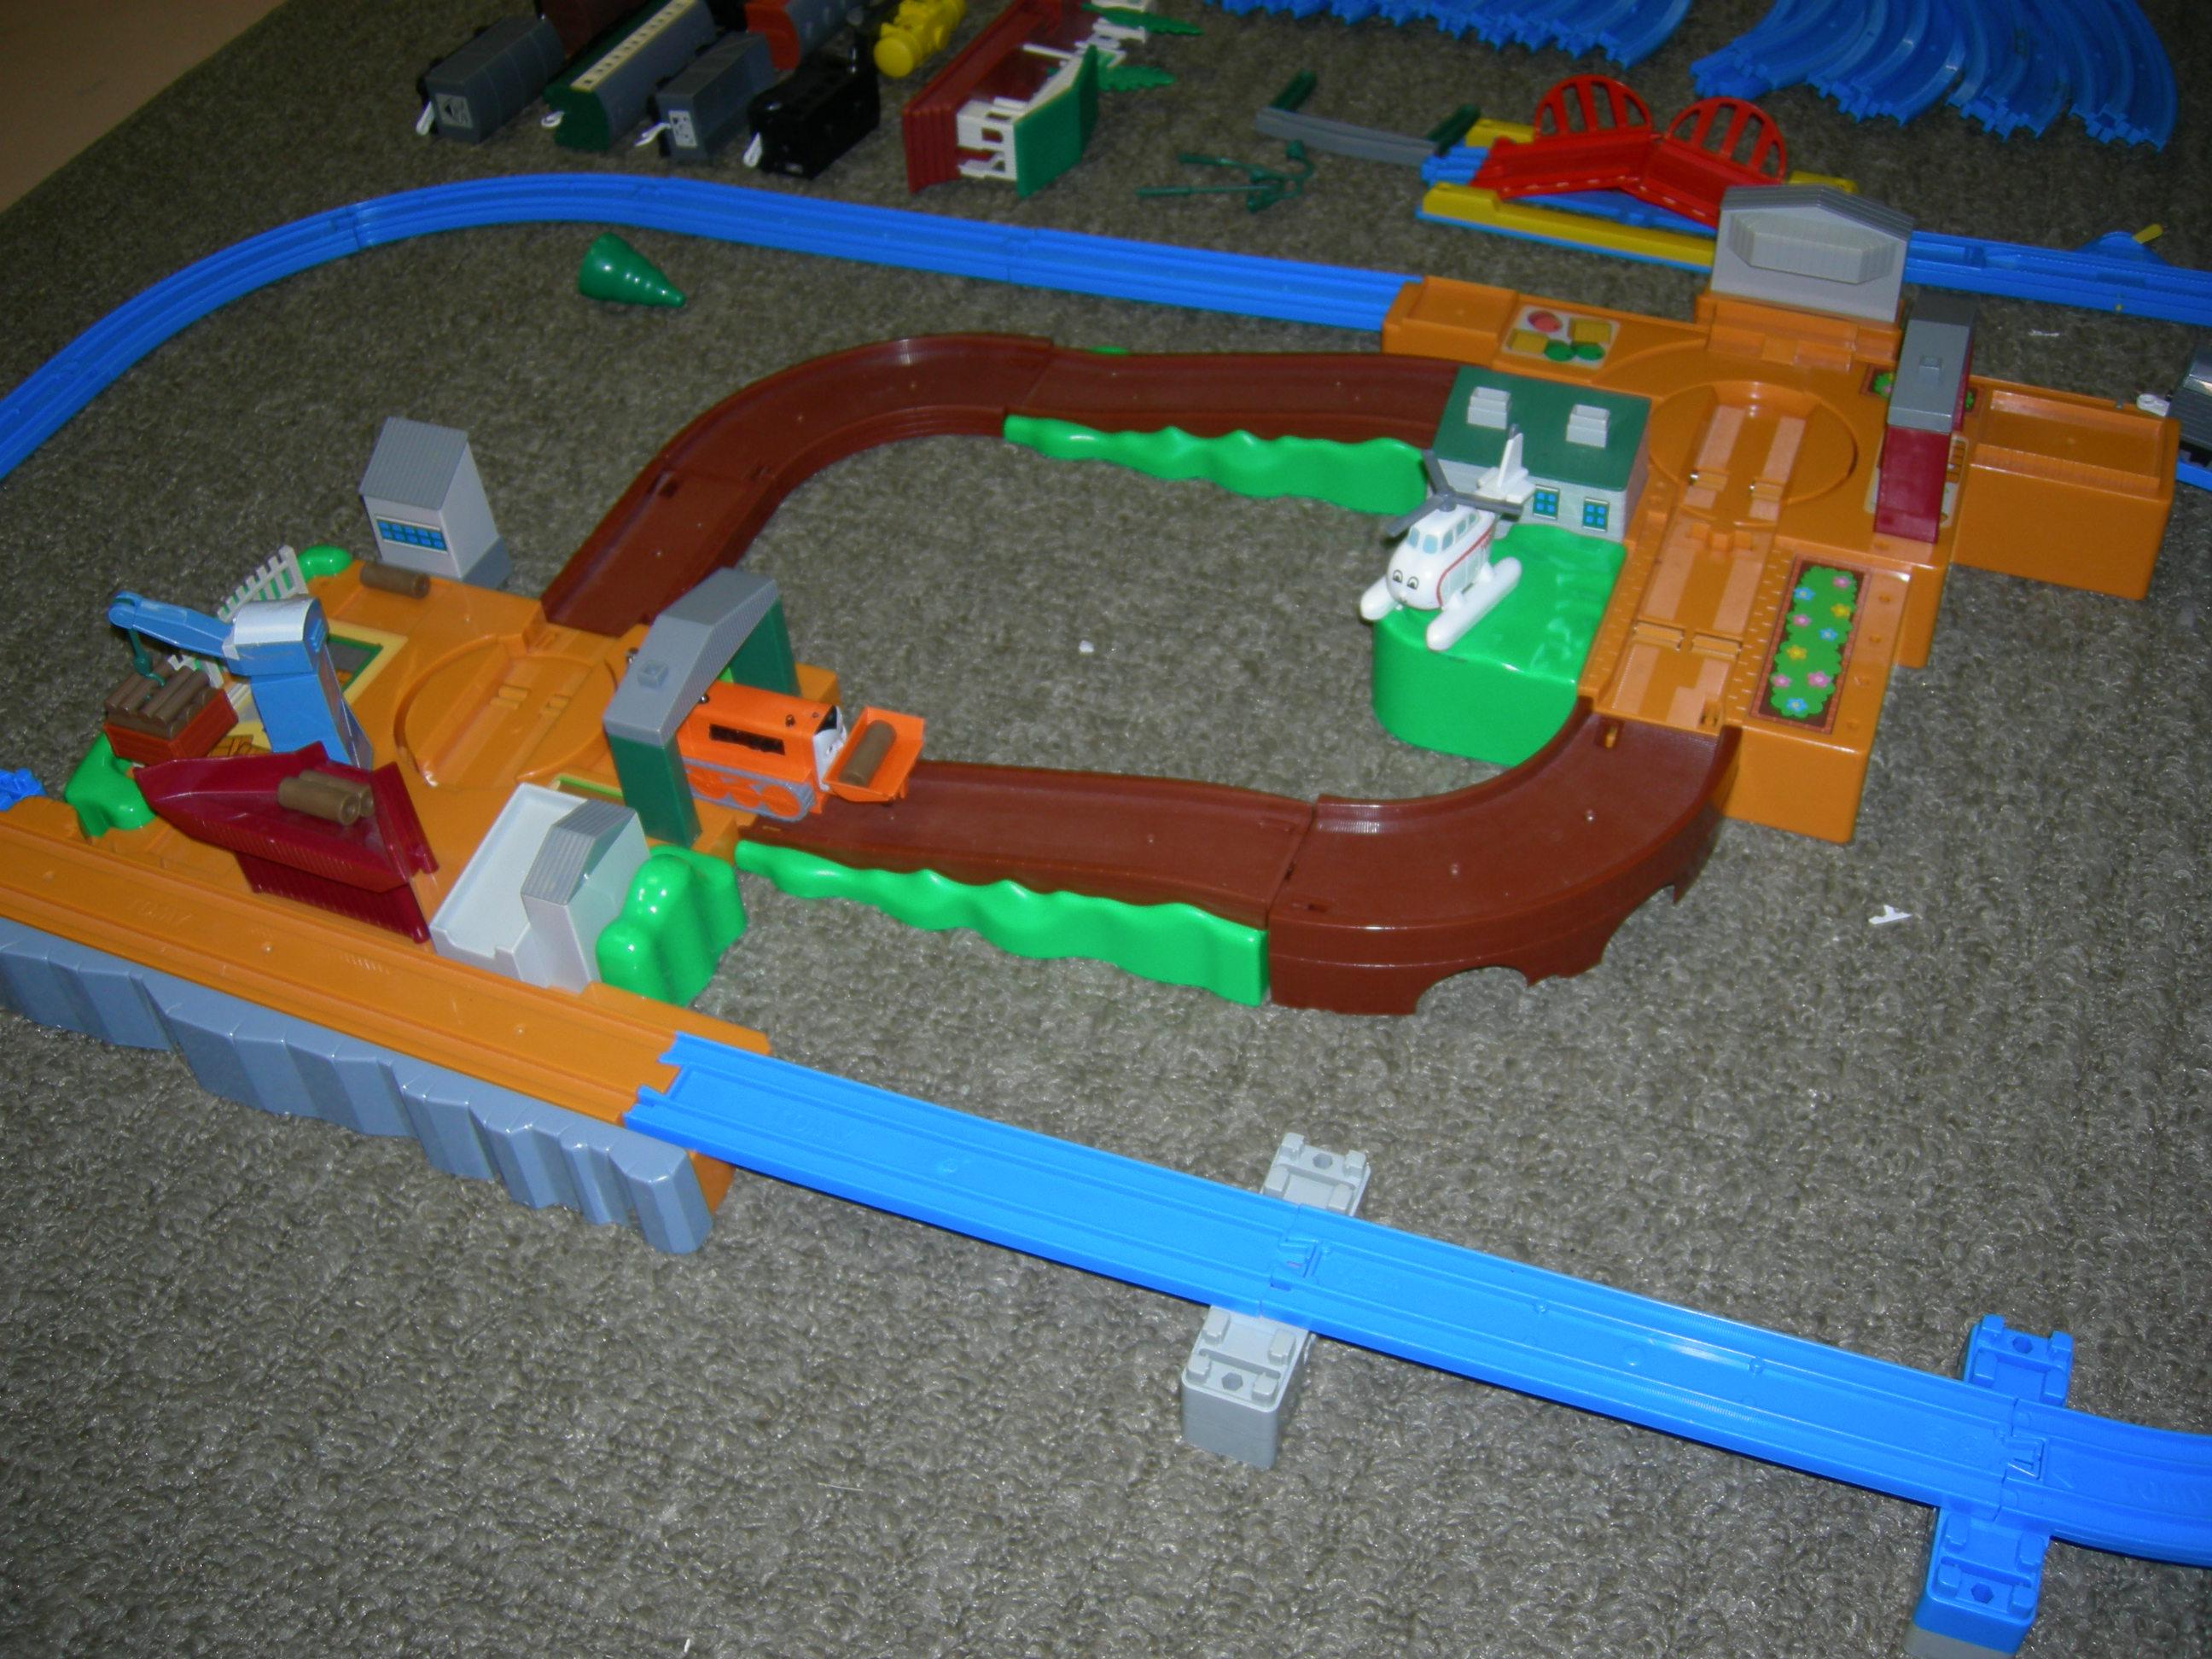 Thomas The Tank Engine Tomy Toys 93